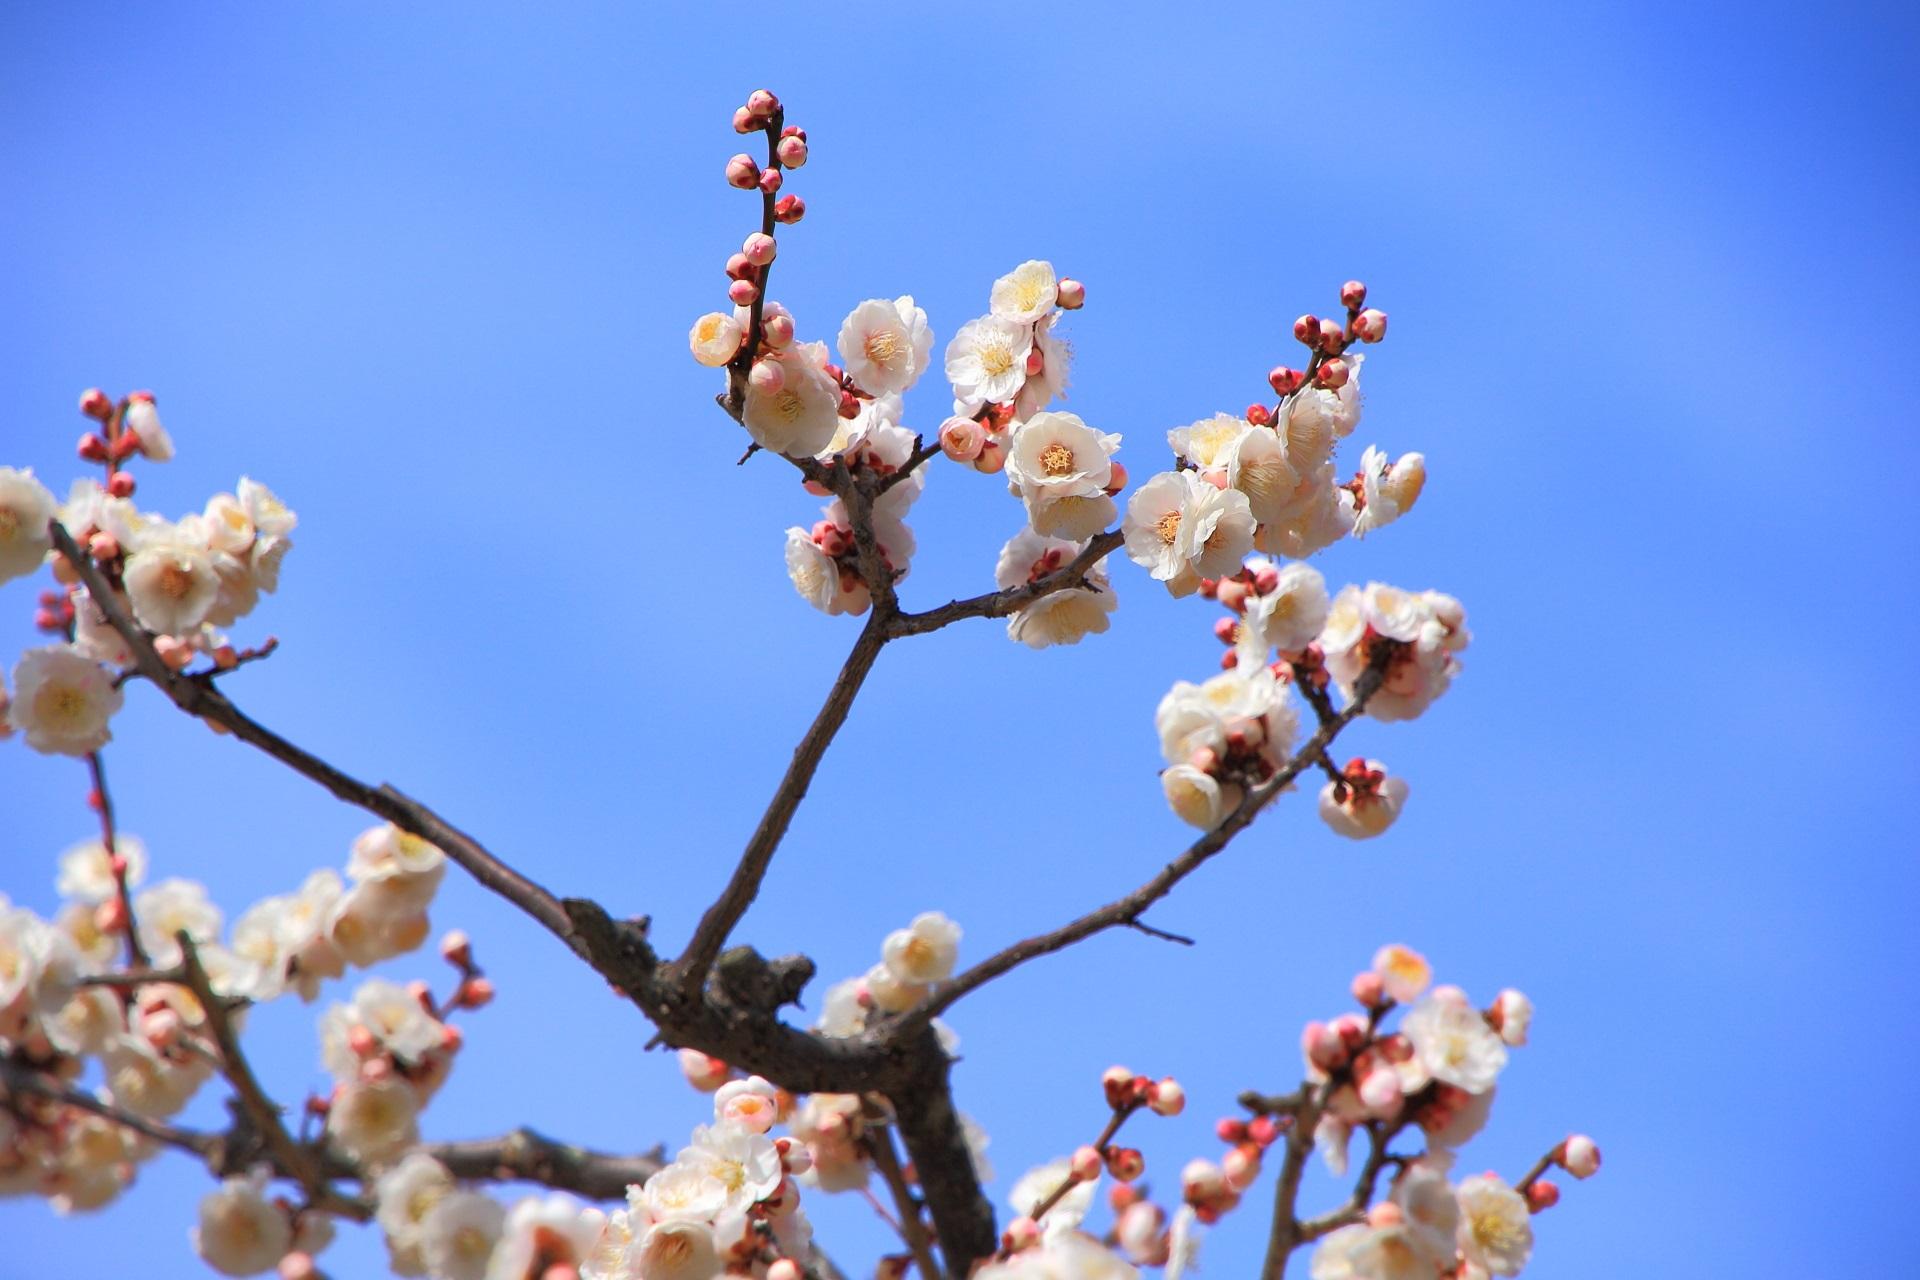 青空に映える華やかな梅の花